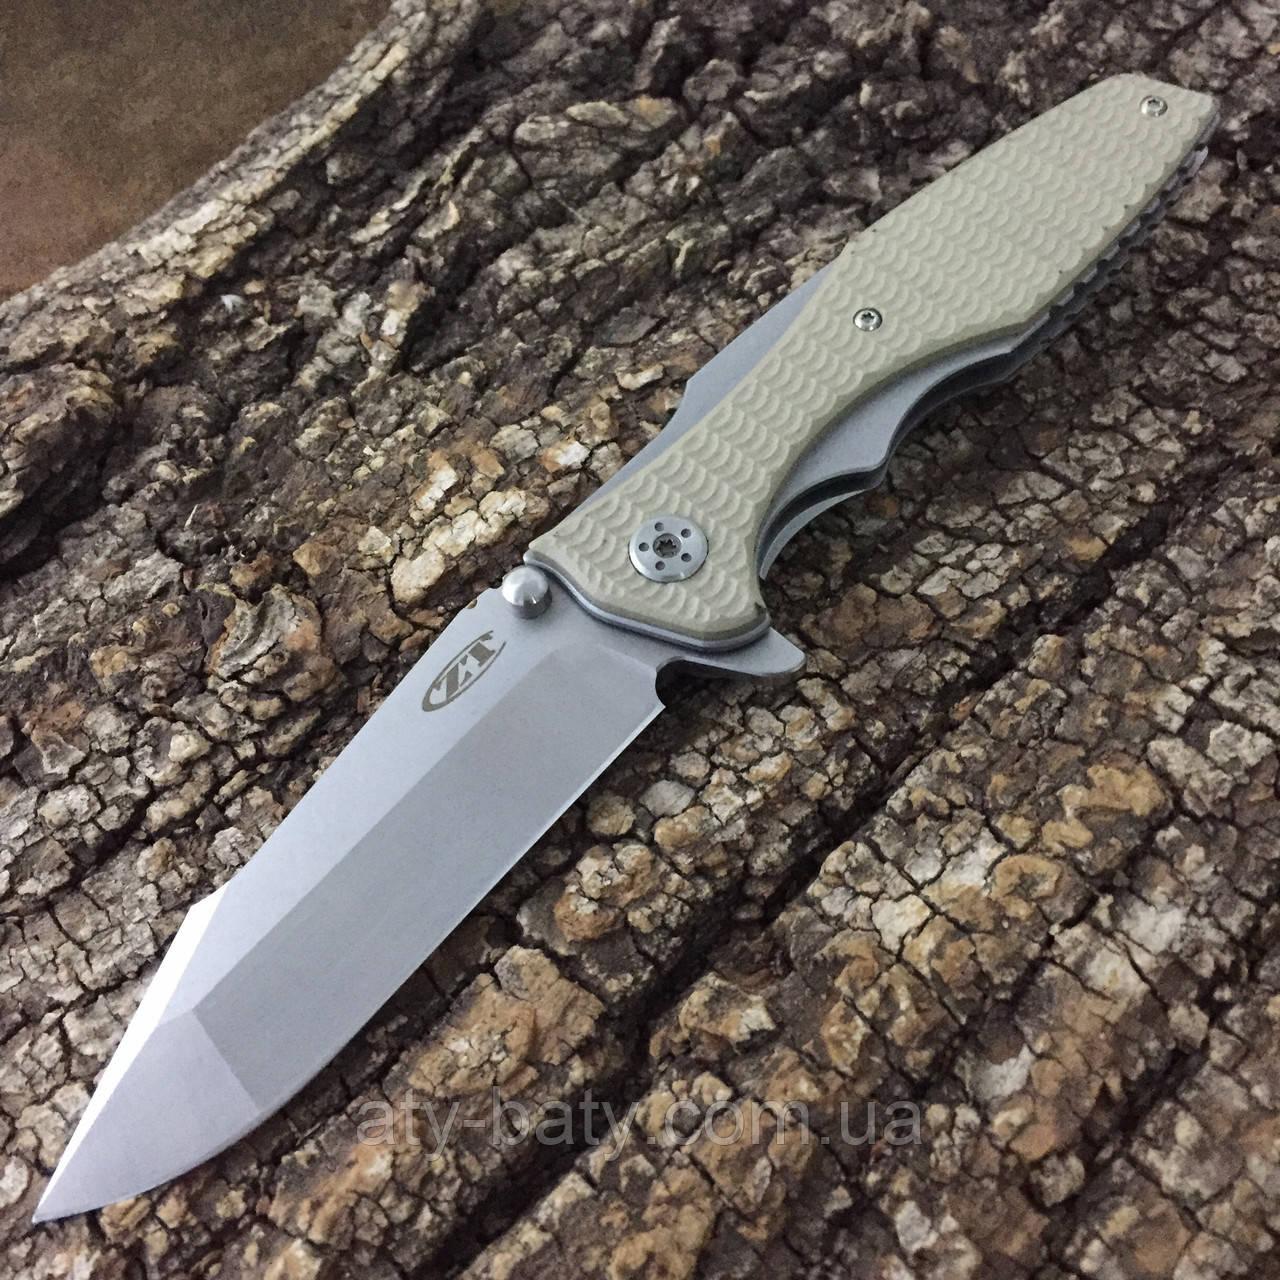 Нож Zero Tolerance Hinderer 0393 (Replica) хаки